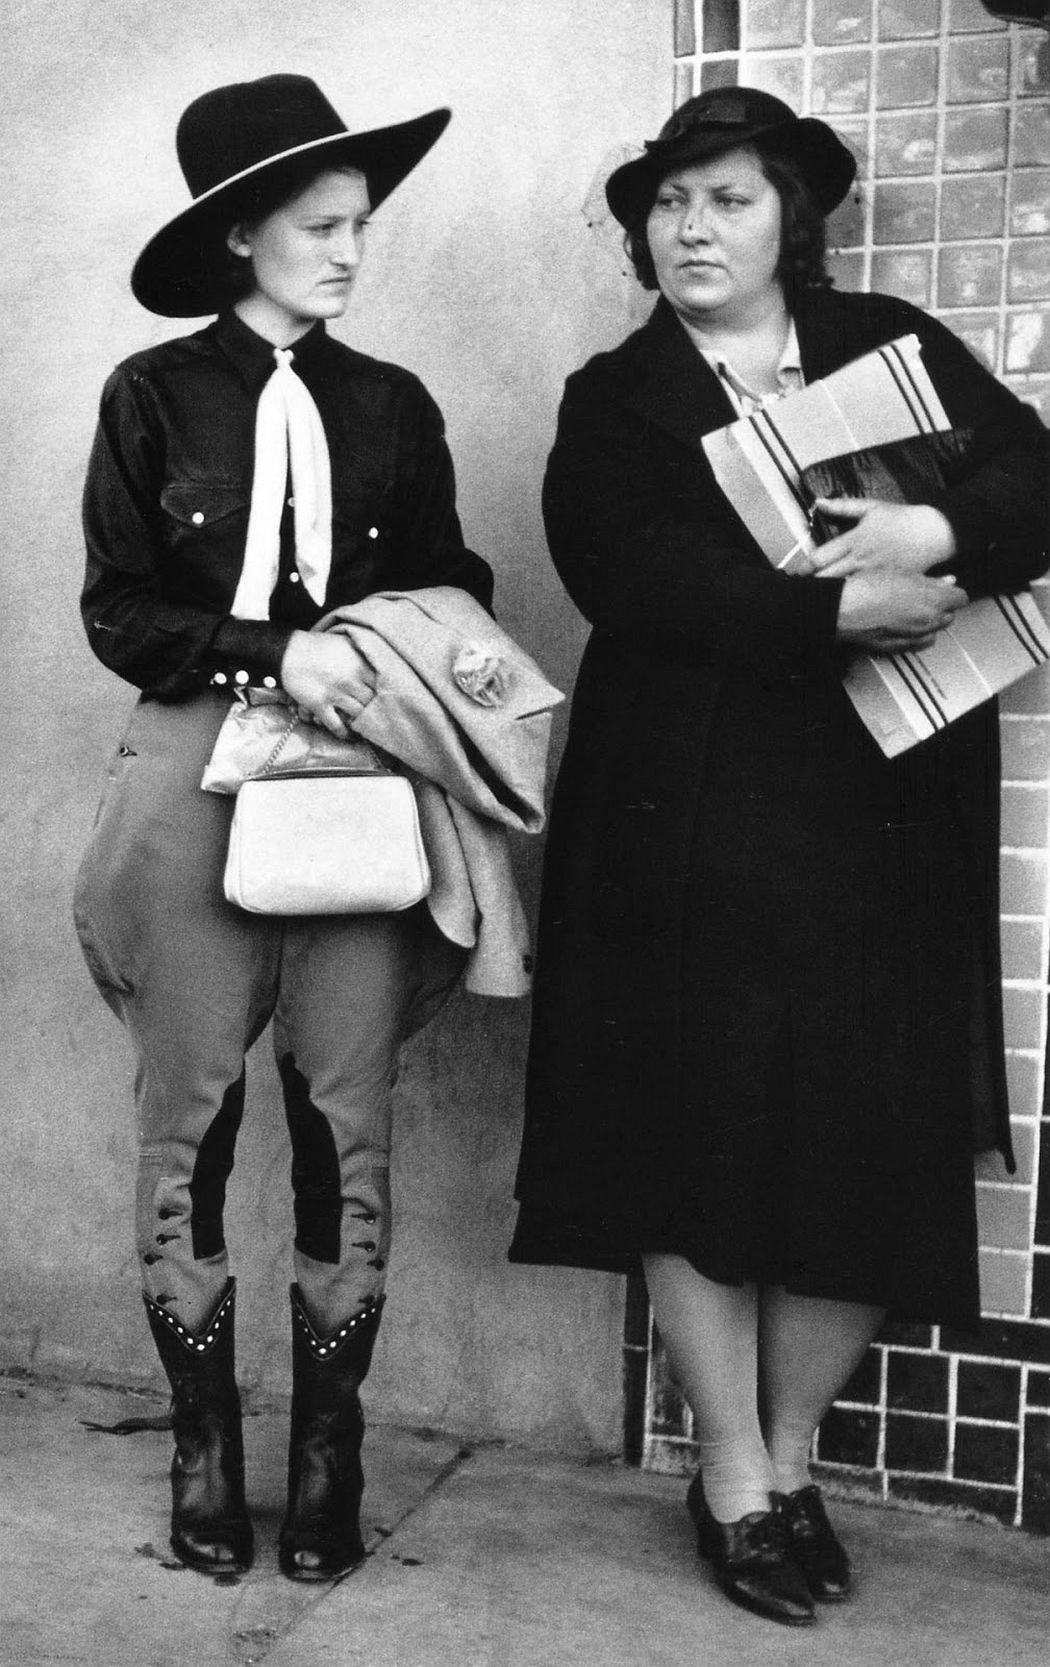 Texas Women, Texas, 1937